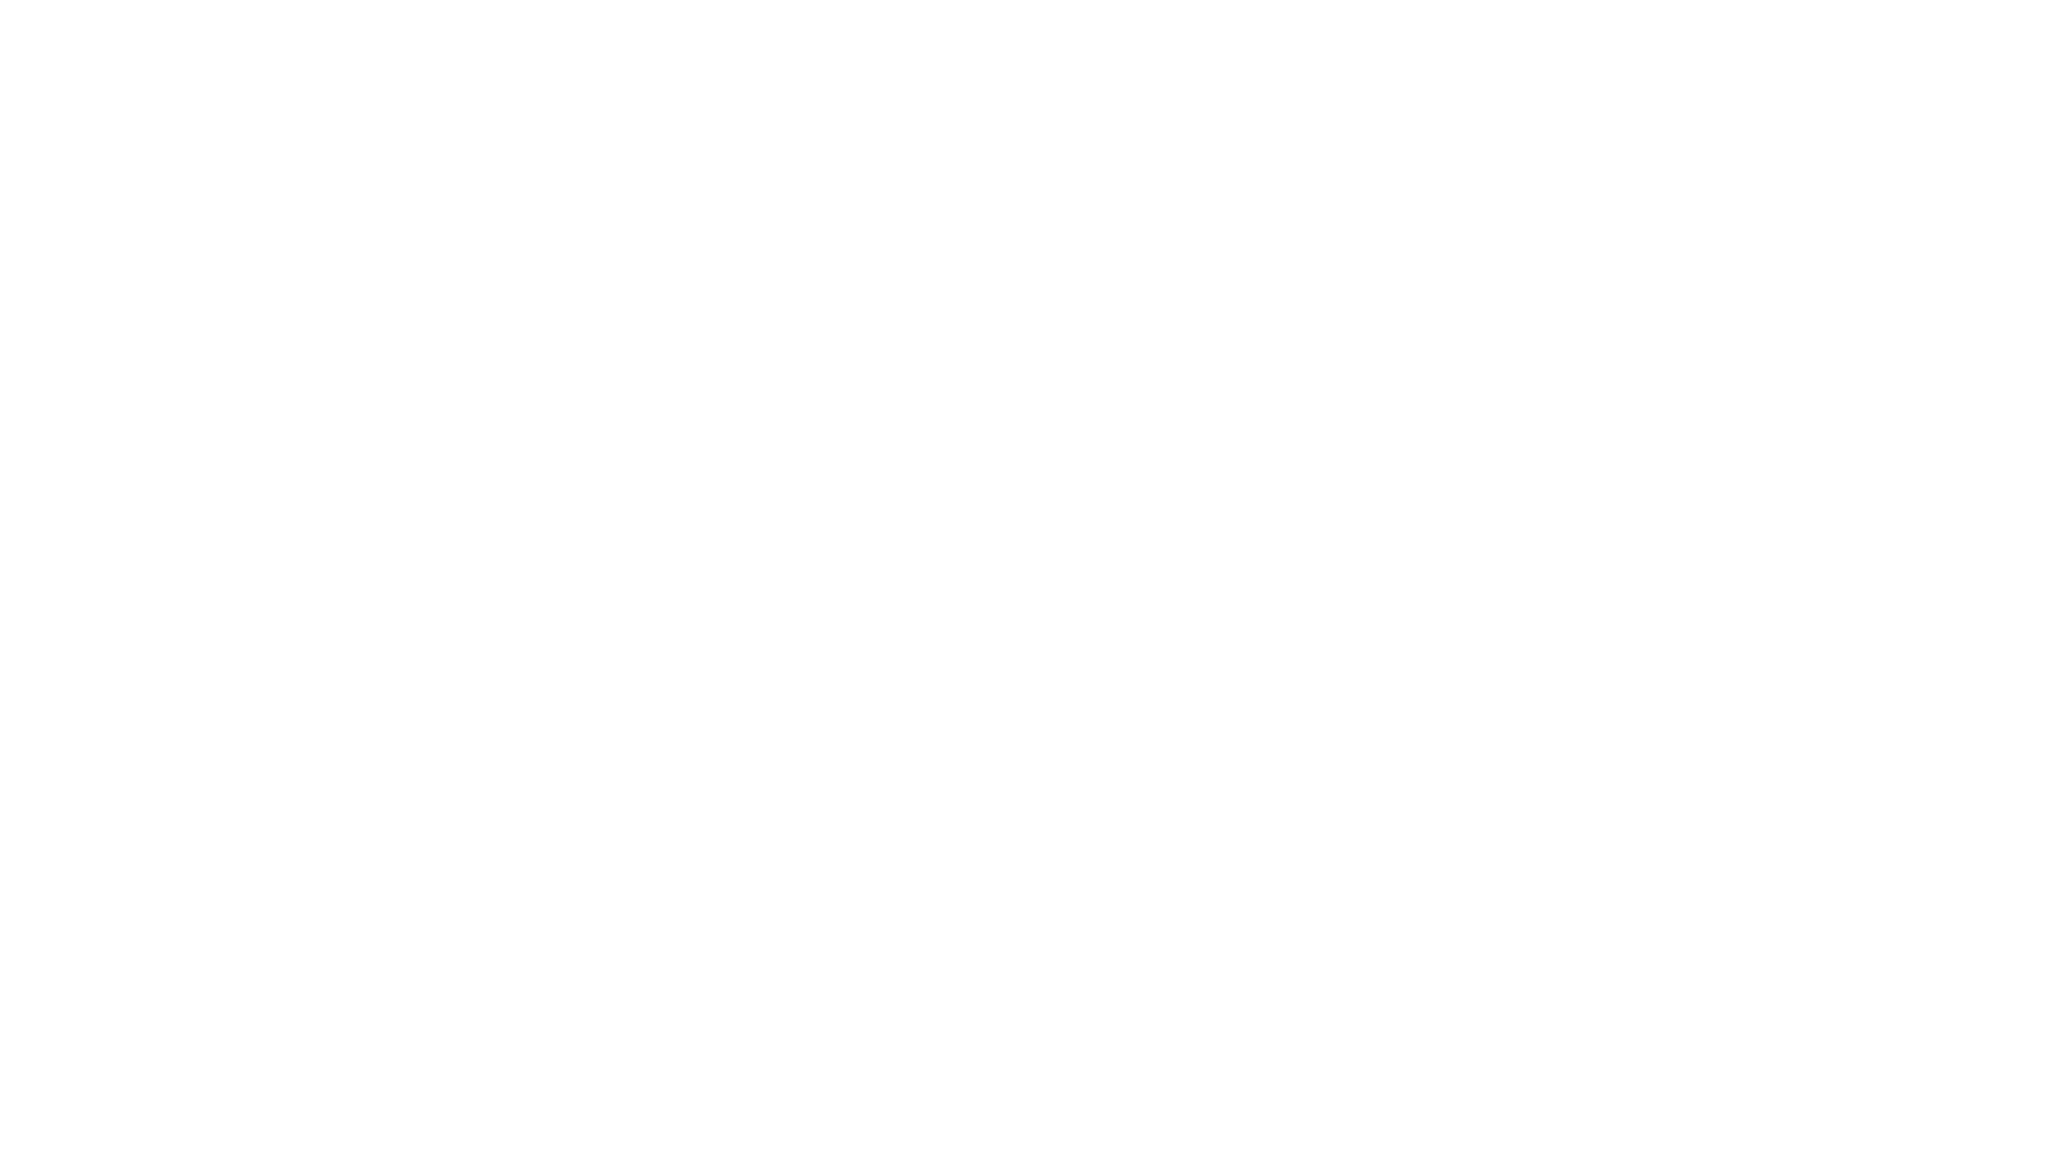 logo Frame blanc